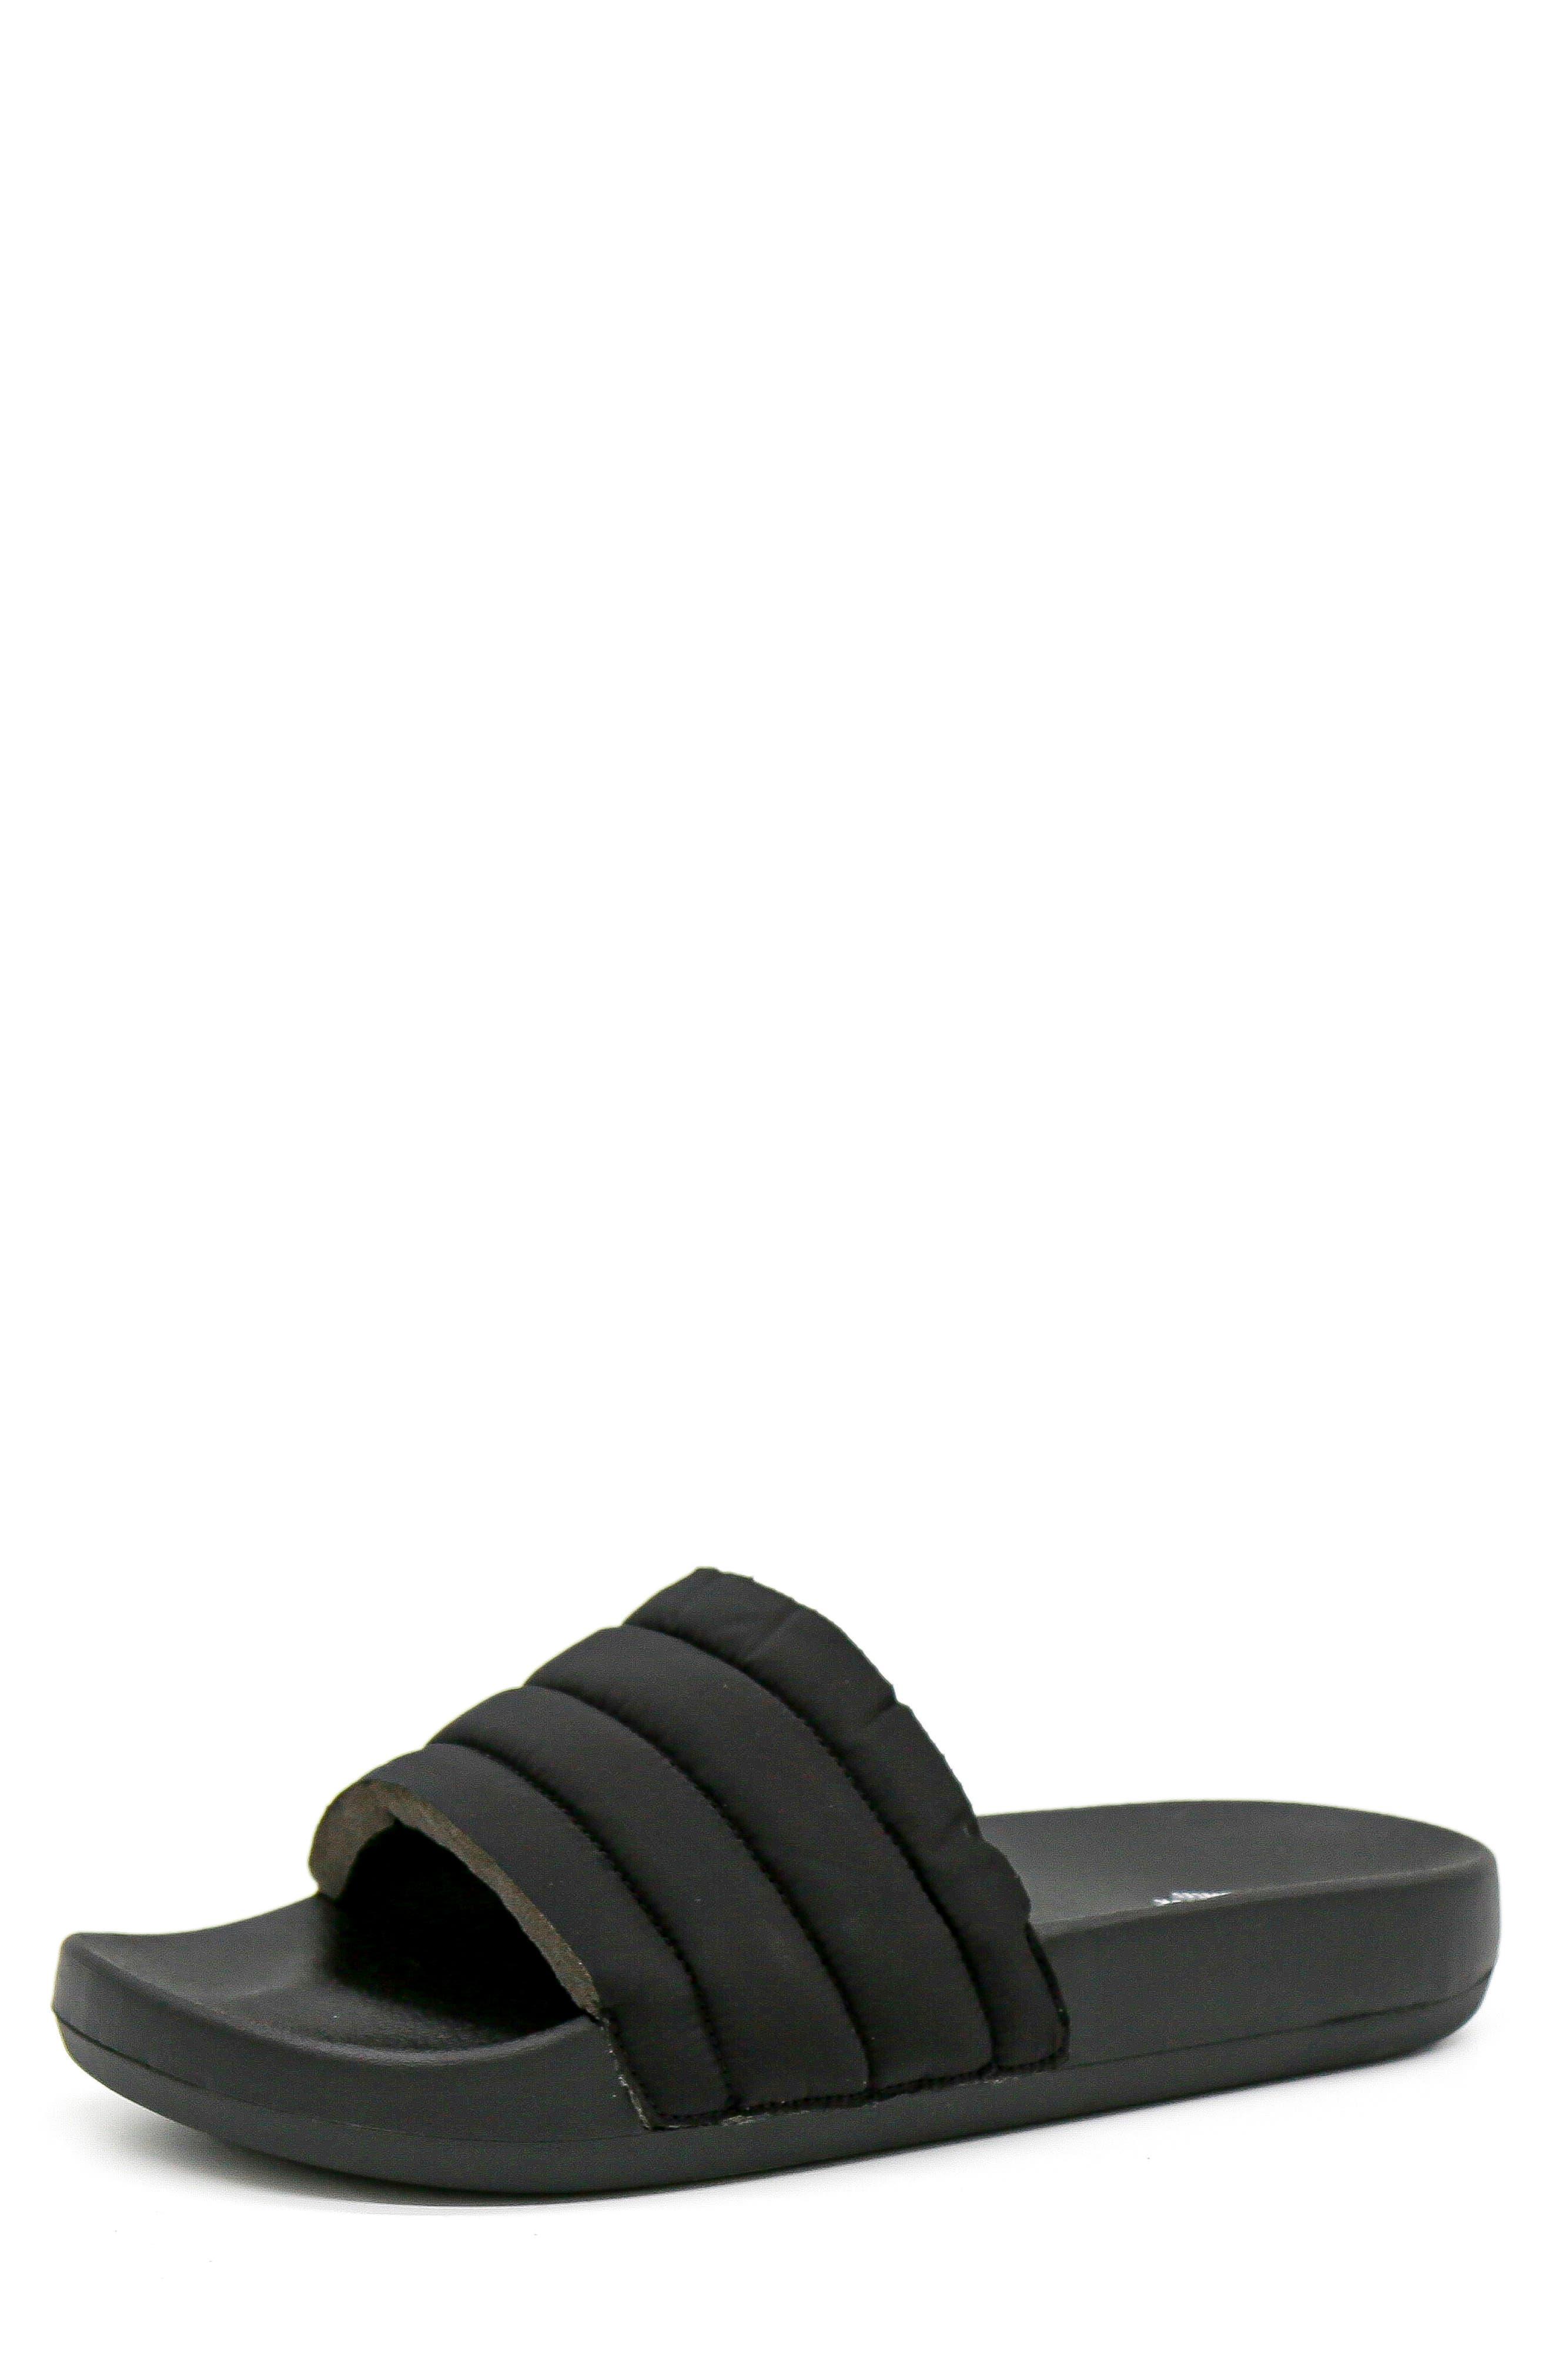 Alix Kashiba Slide Sandal